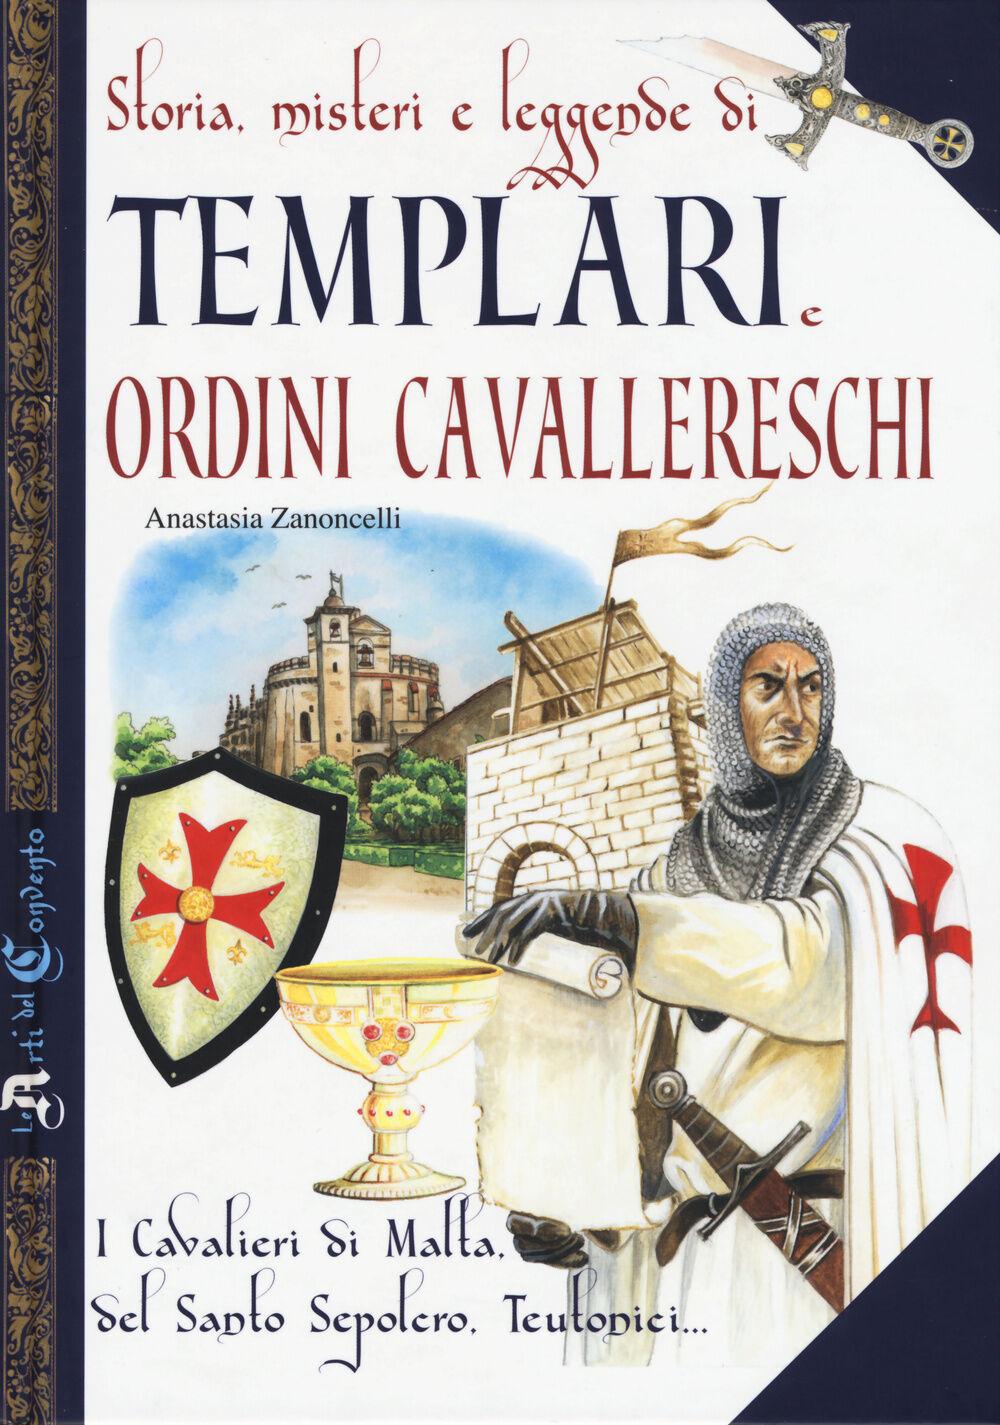 Storia, misteri e leggende di templari e ordini cavallereschi. I cavalieri di Malta, del Santo Sepolcro, teutonici...